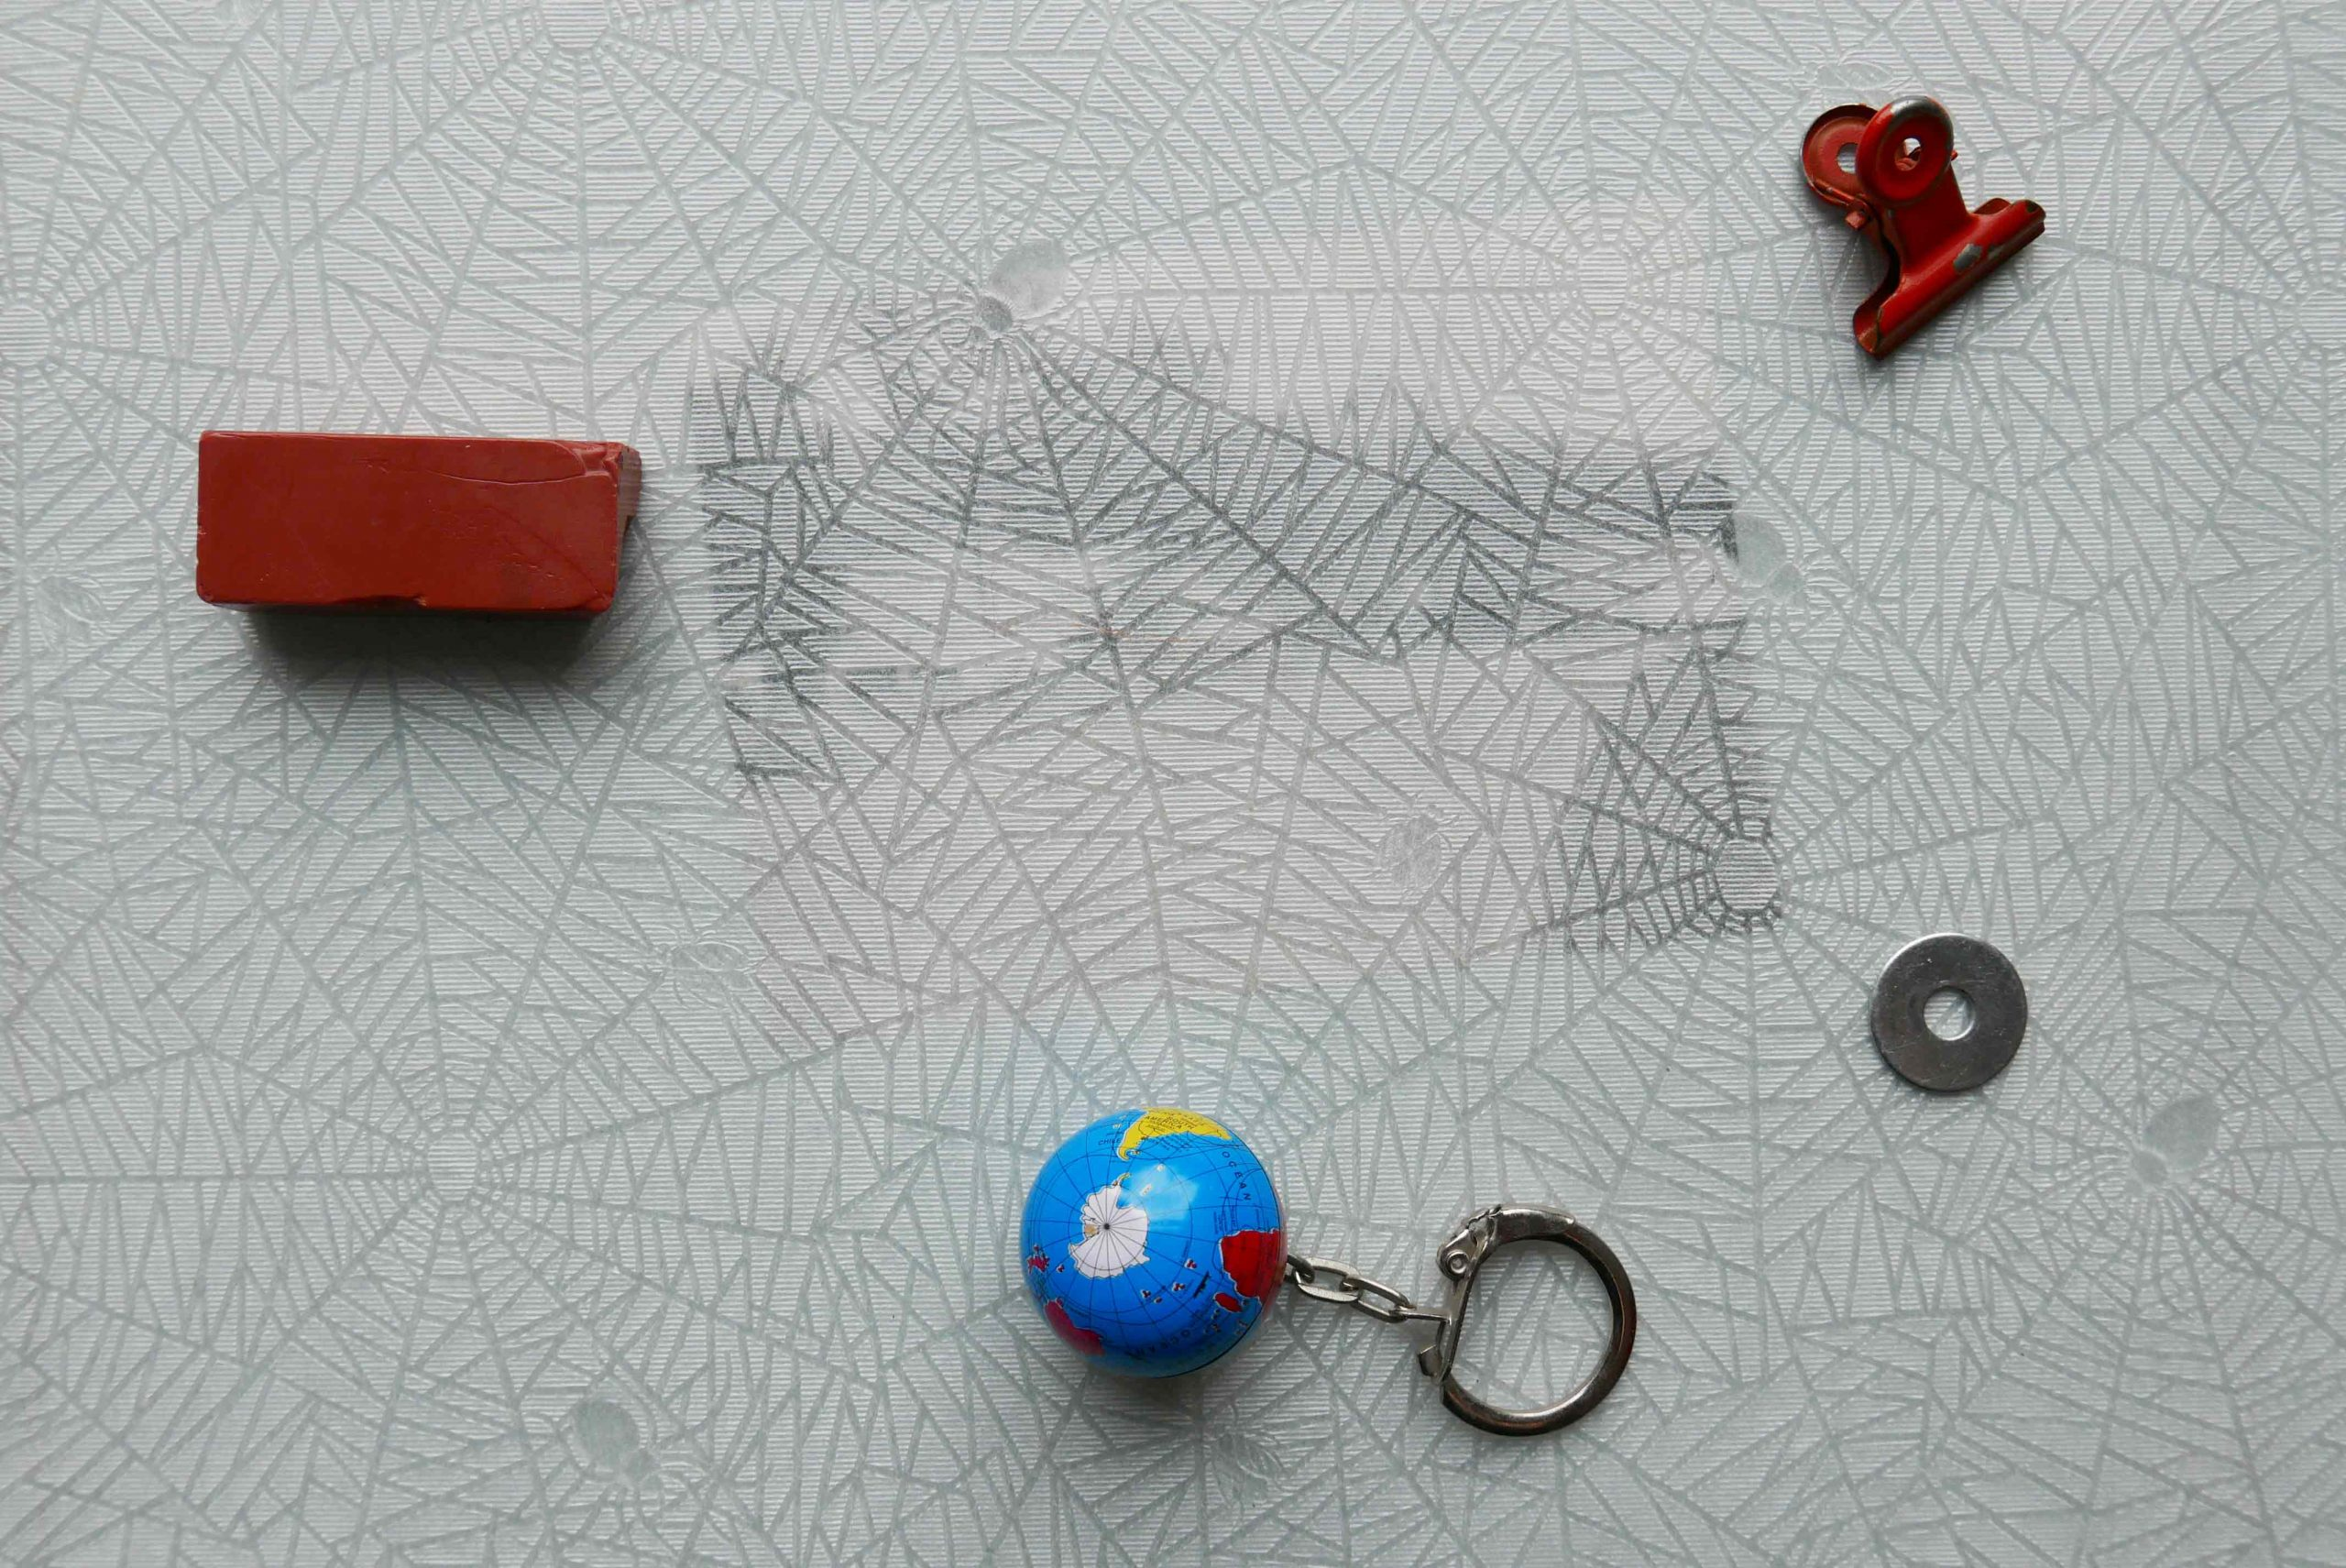 Seidenpapier mit Fotografie darunter und kleine Gegenstände verteilt